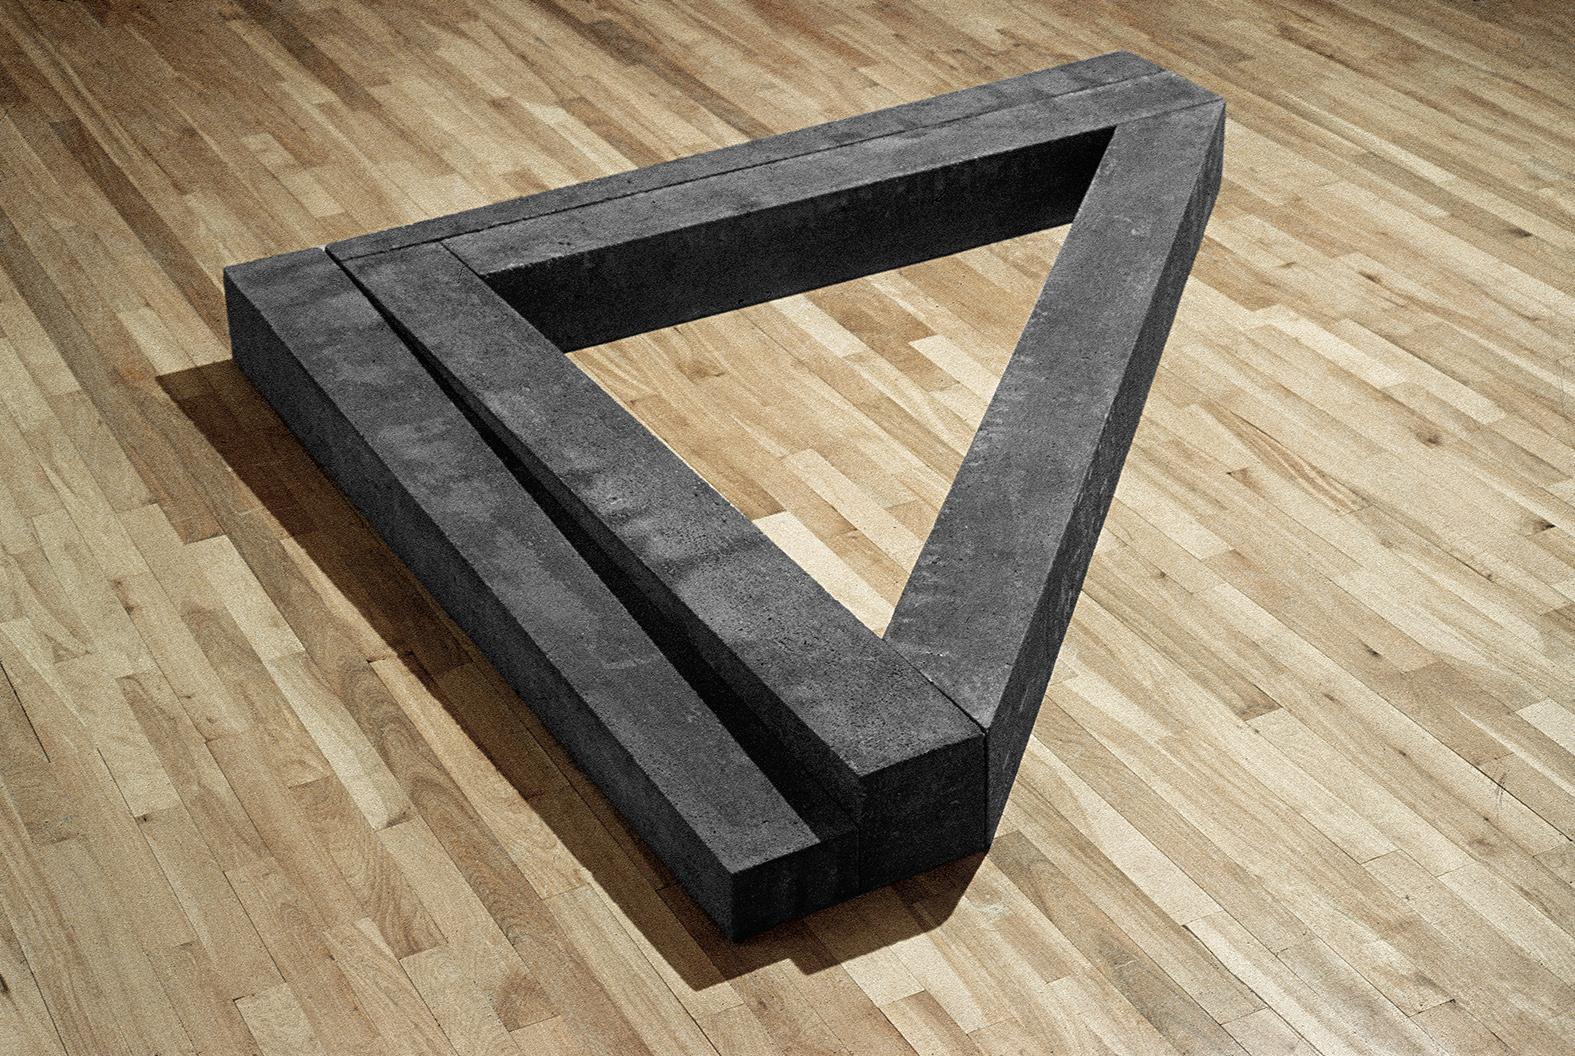 Angulaire  (1978)   Ciment, 14 x 143 x 172 cm, Collection du conseil des arts du Canada. photo : G. Szilasi